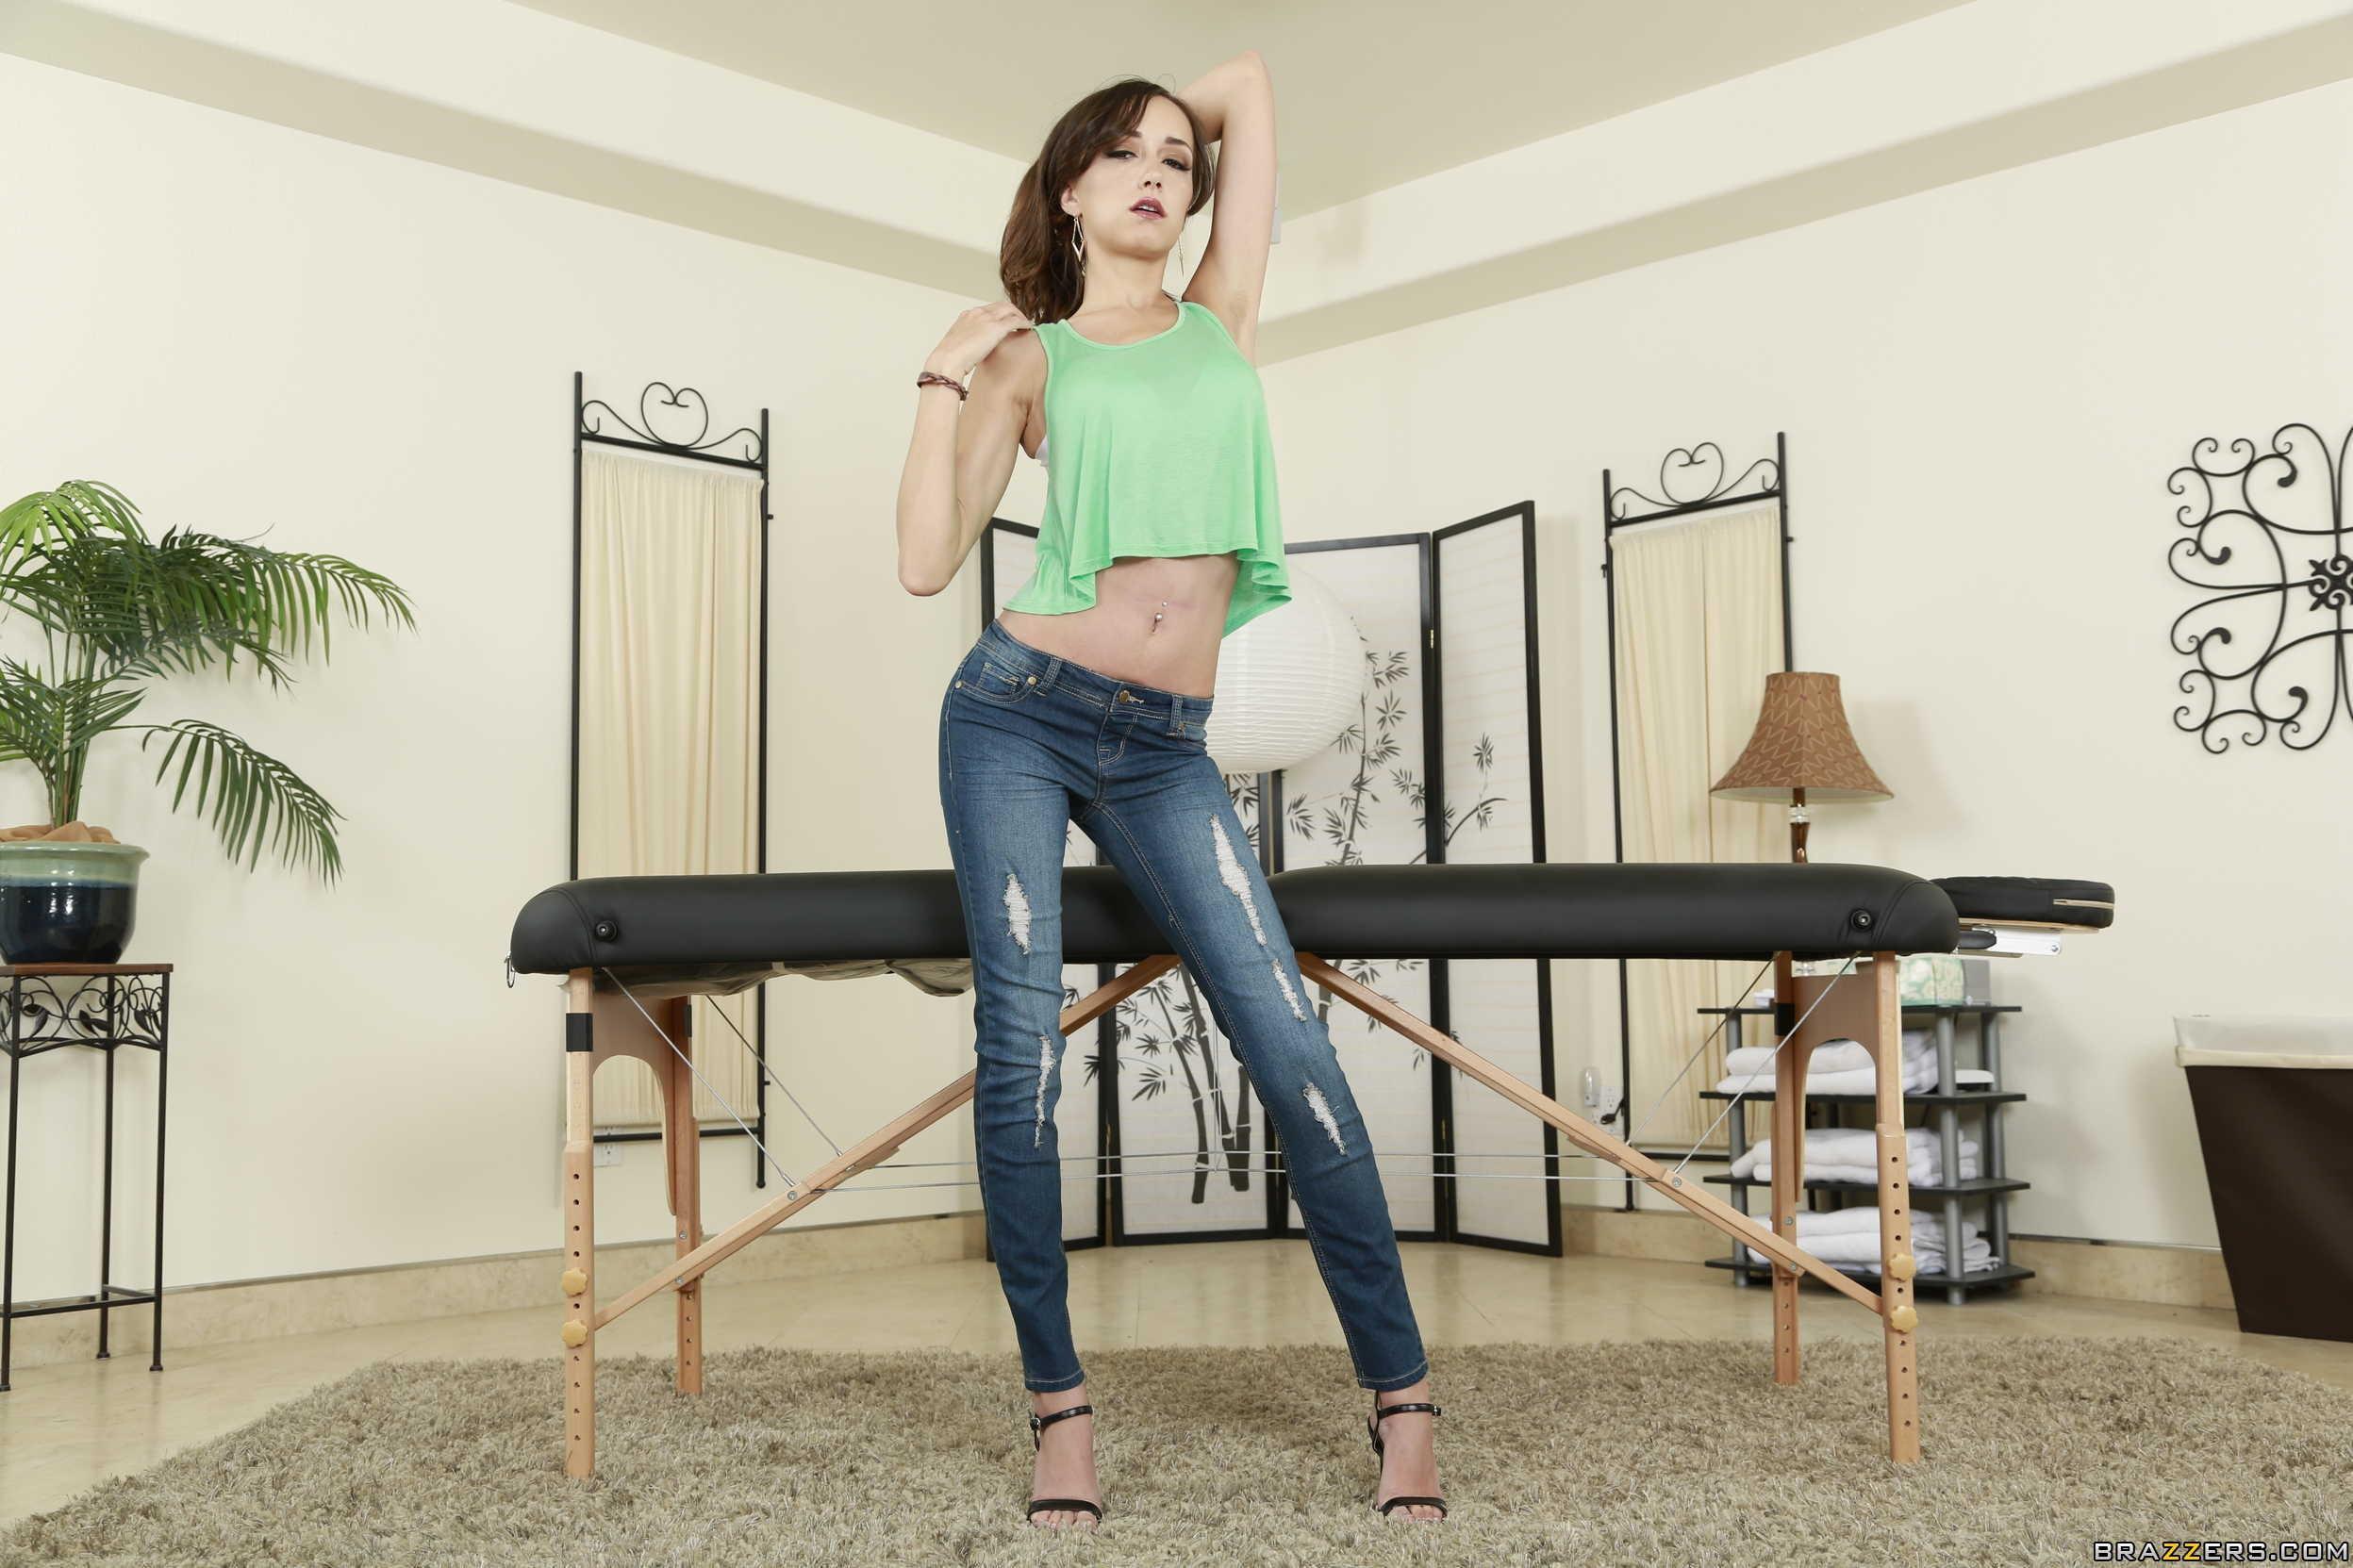 ffb7654a3b1 Baggrunde : Kvinder, model, brunette, Kigger på seeren, sidder, høje hæle,  armene op, jeans, lampe, mode, stående, gennemboret navle, tøj, Victoria  Rae ...